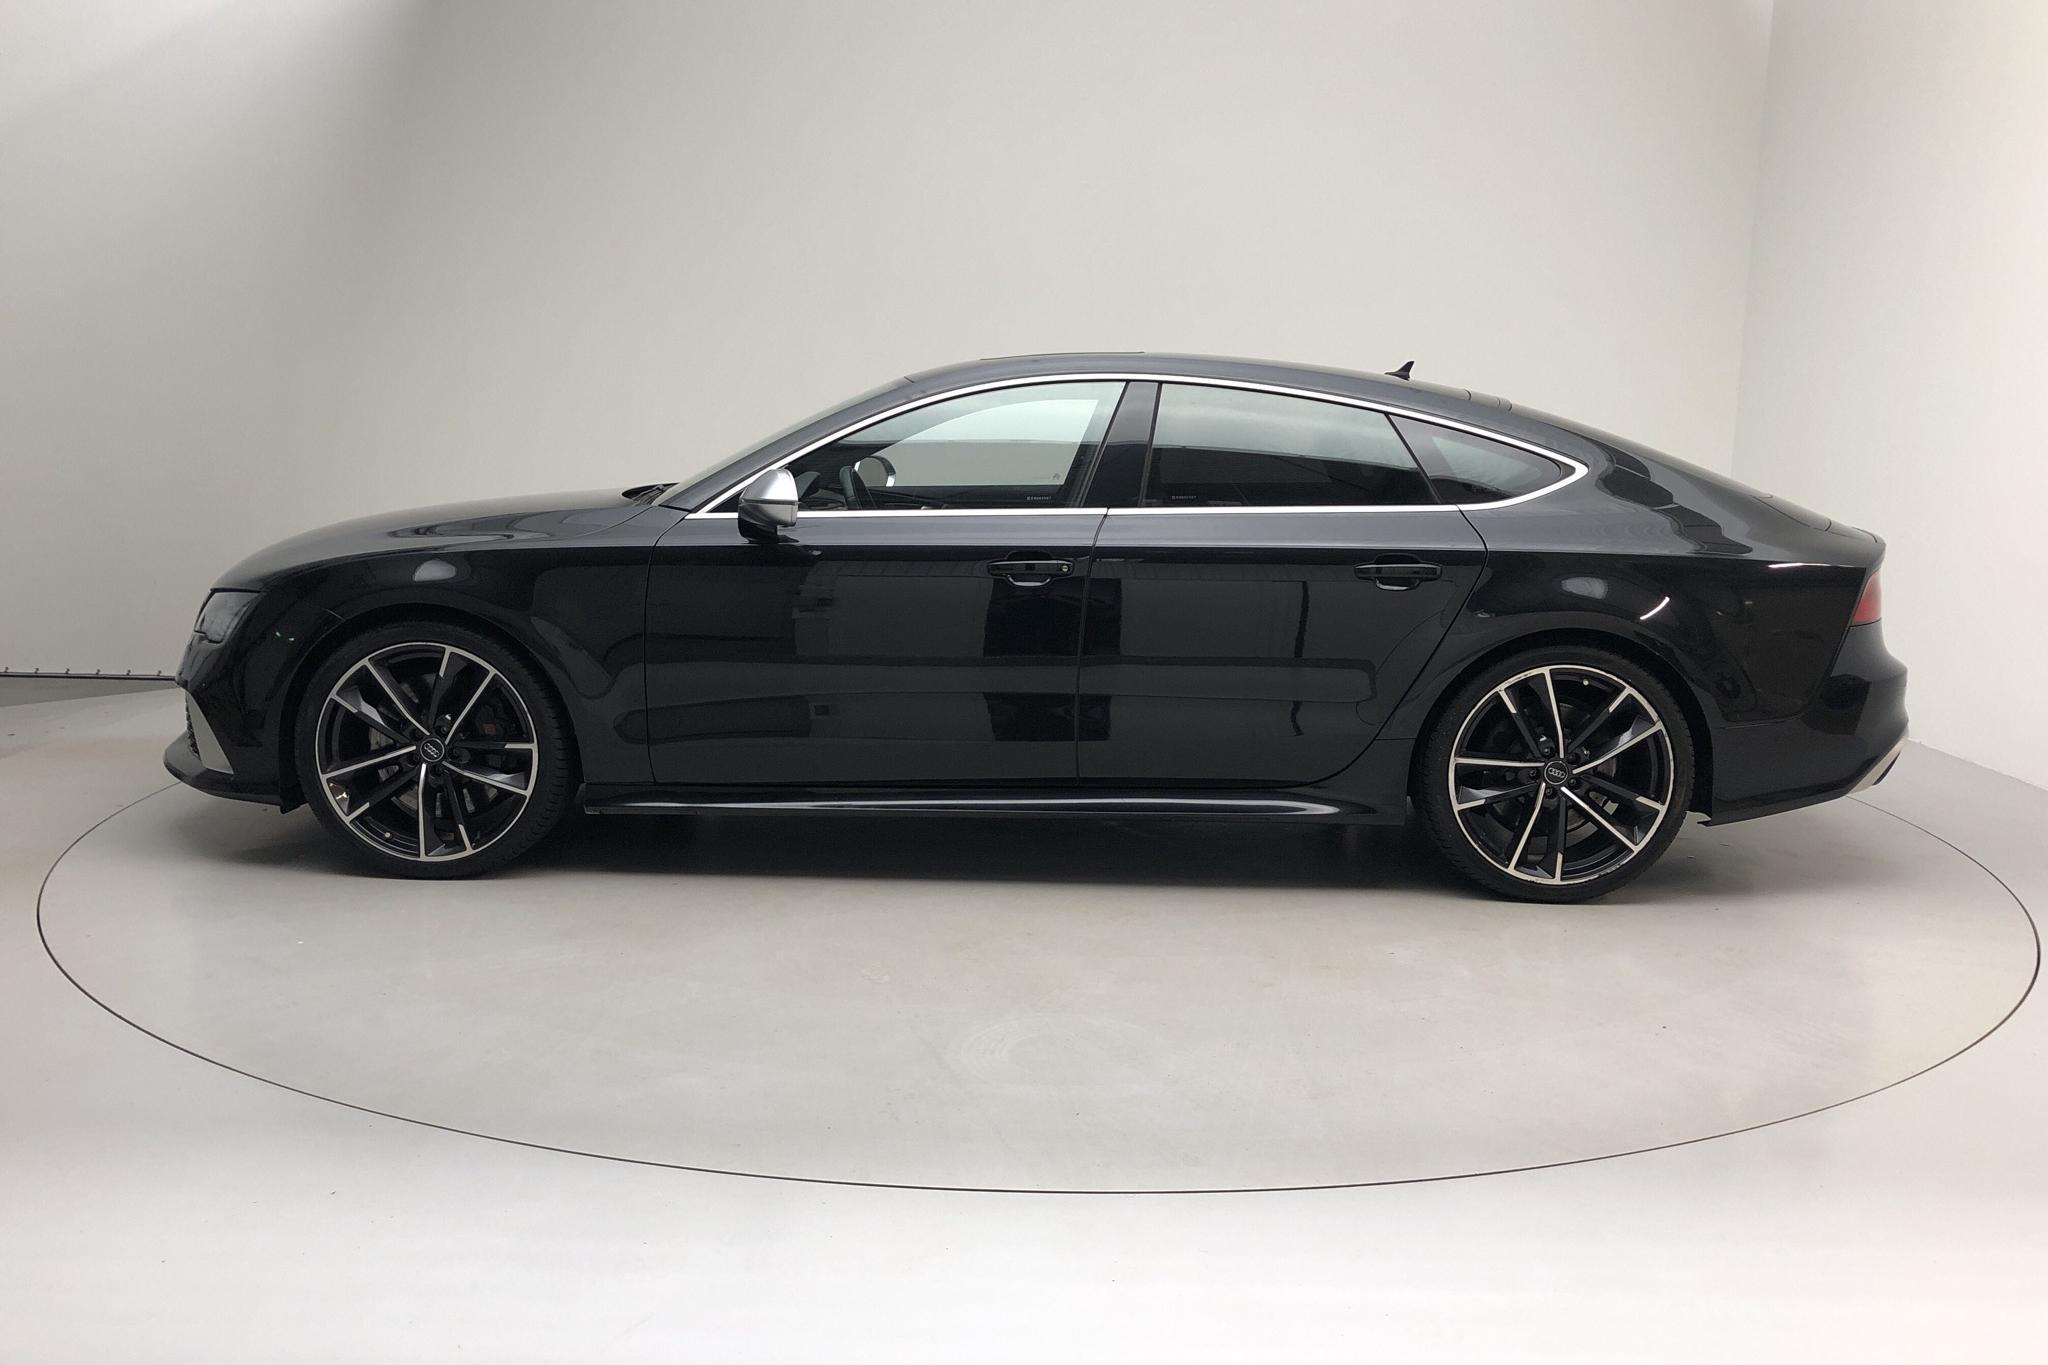 Audi RS7 4.2 TFSI (560hk) - 86 800 km - Automatic - black - 2014